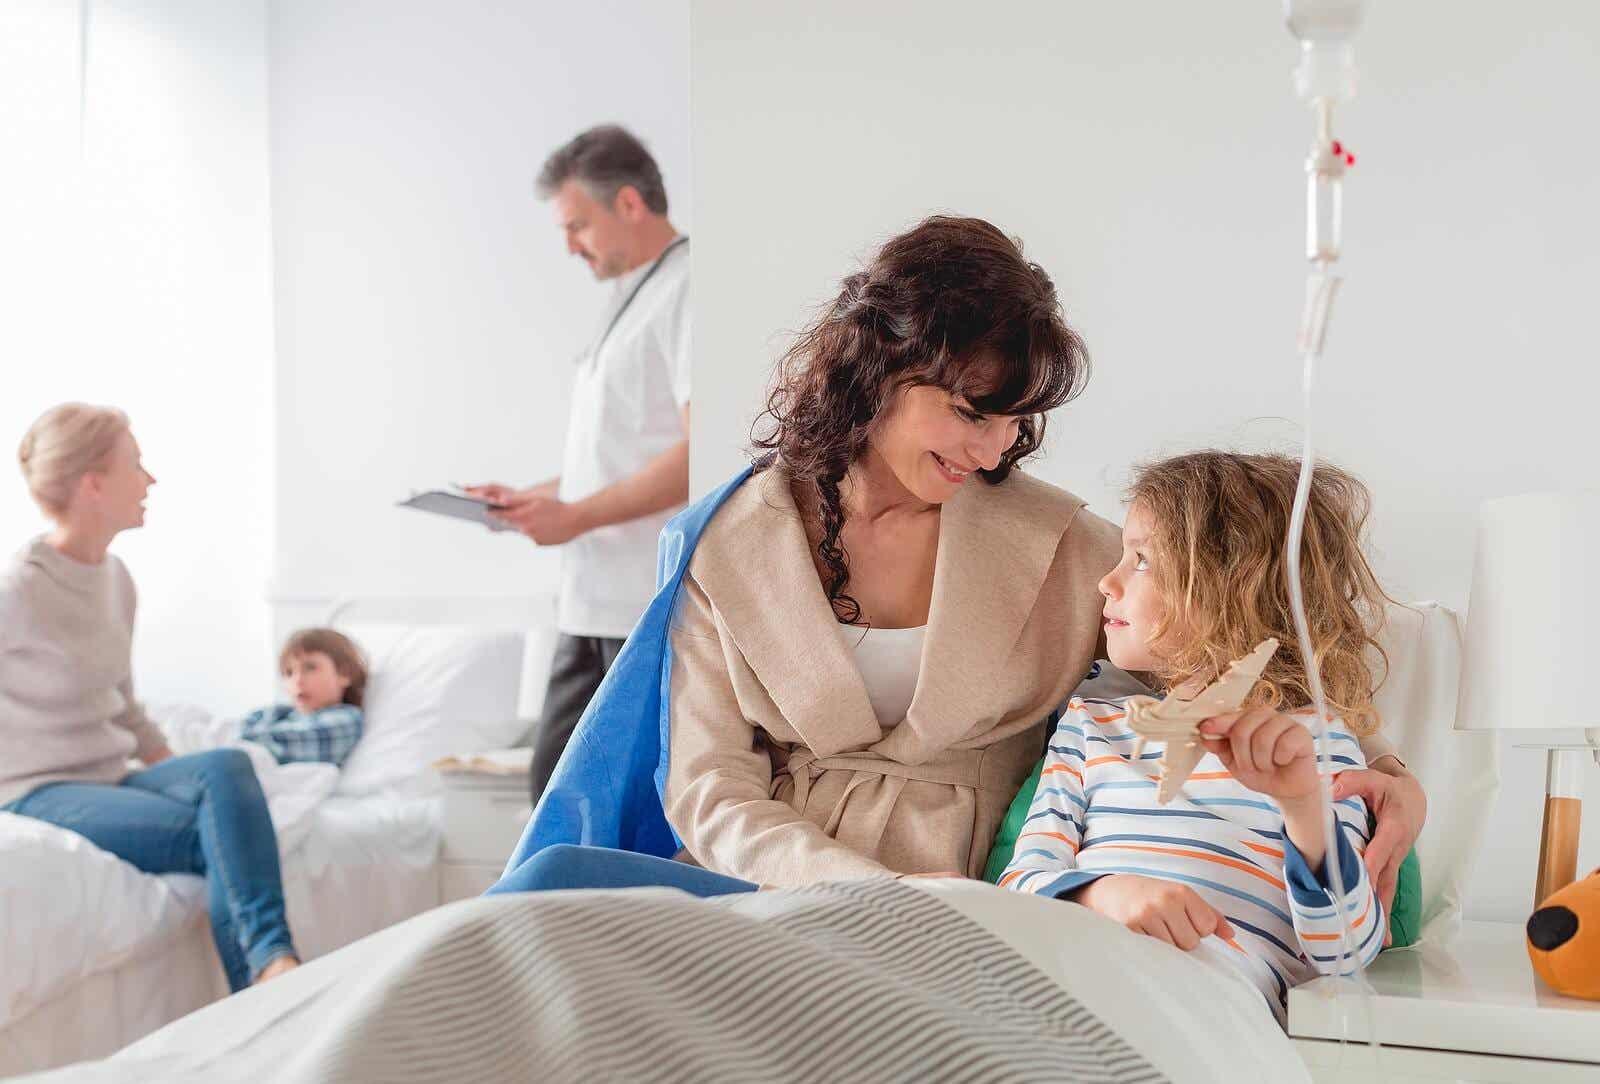 Młoda dziewczynka w szpitalnym łóżku, podłączona do kroplówki, rozmawiająca z mamą.